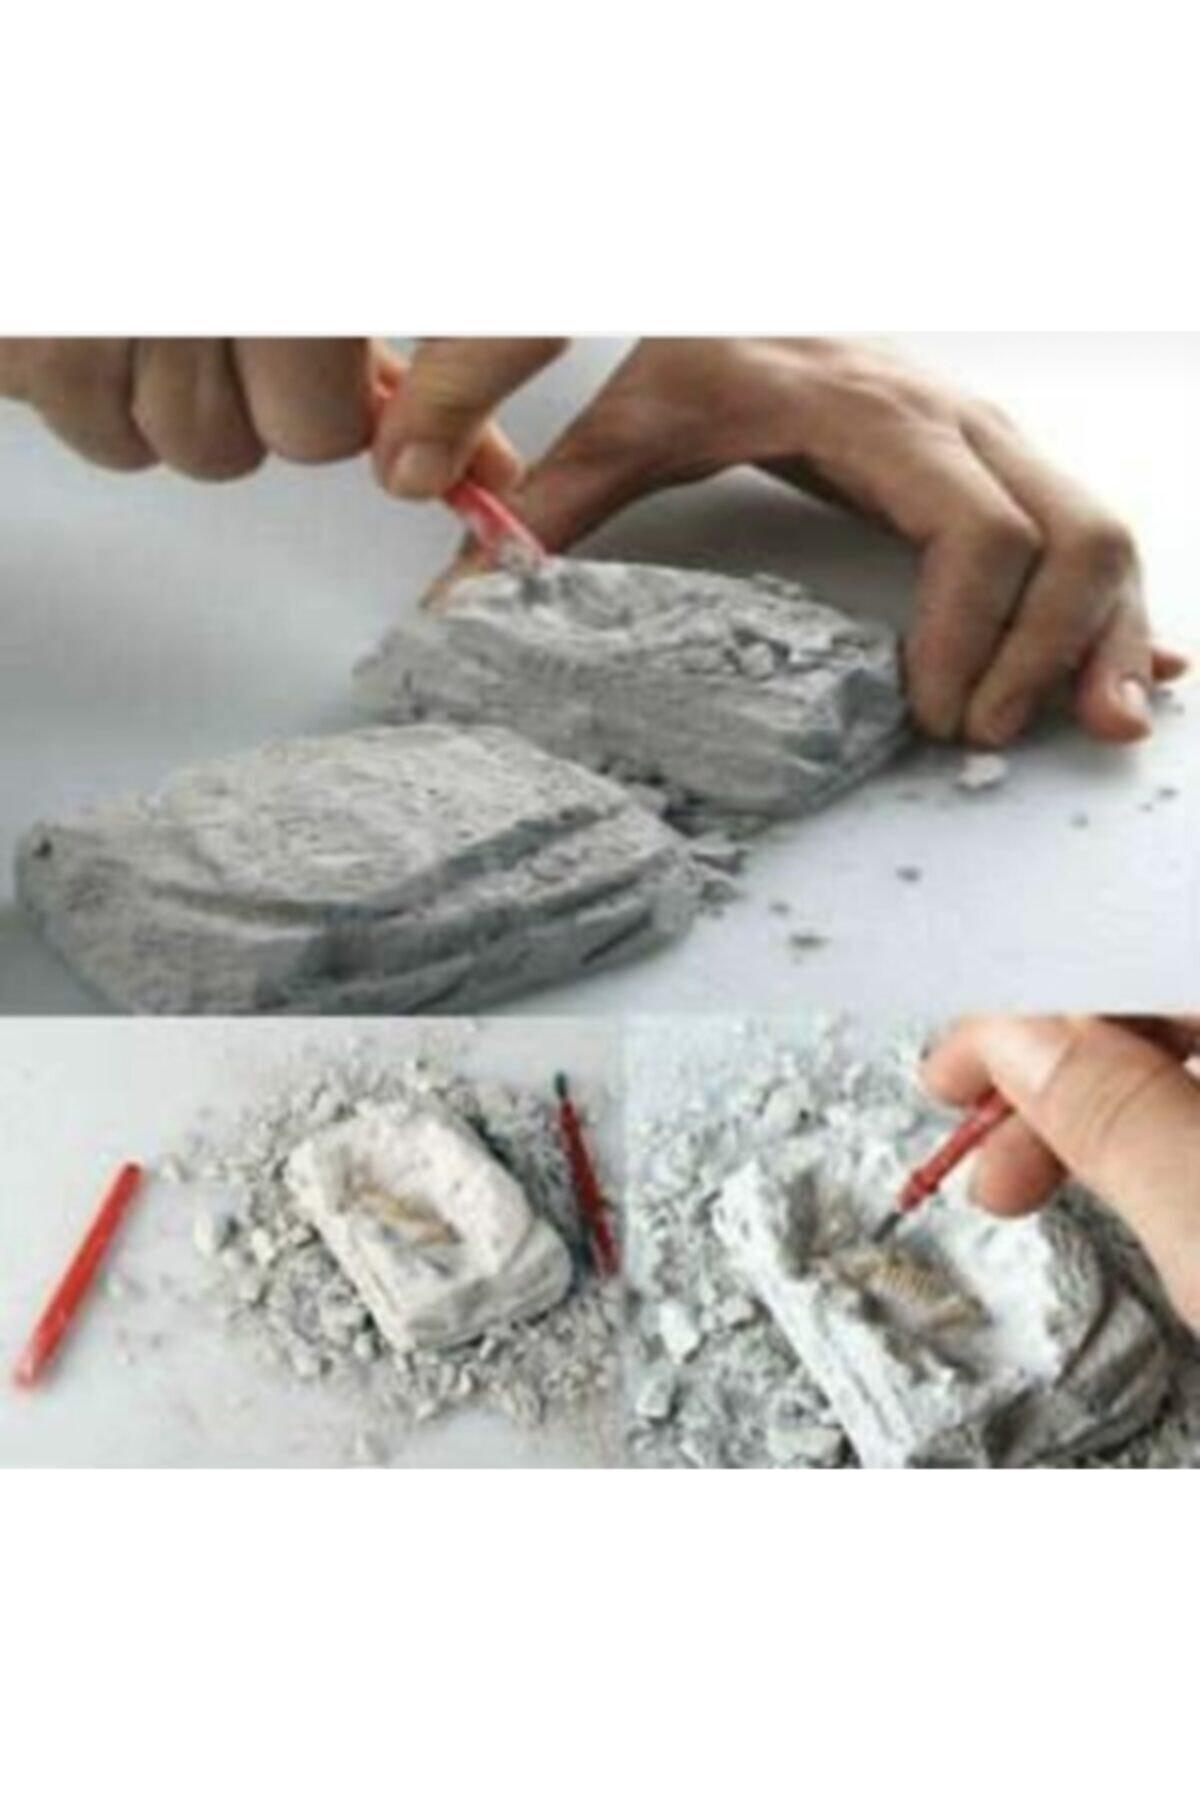 AZOY 6 Adet.. Dinazor Serisi .. Arkeolojik Bilim Kazı Seti.. 1